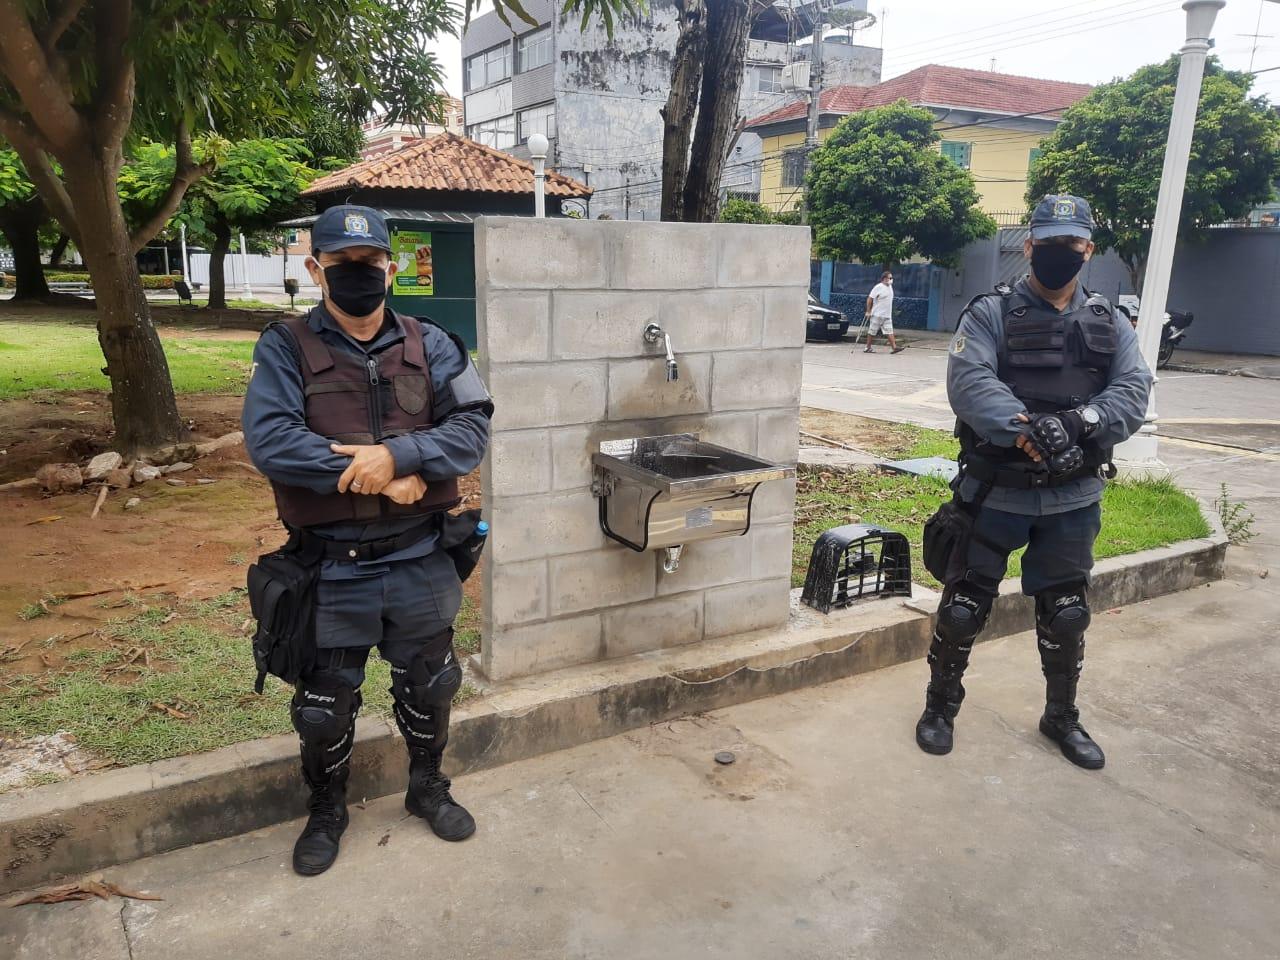 Prefeito pede zelo e determina reforço da Guarda Municipal, após furto de torneiras públicas no Centro